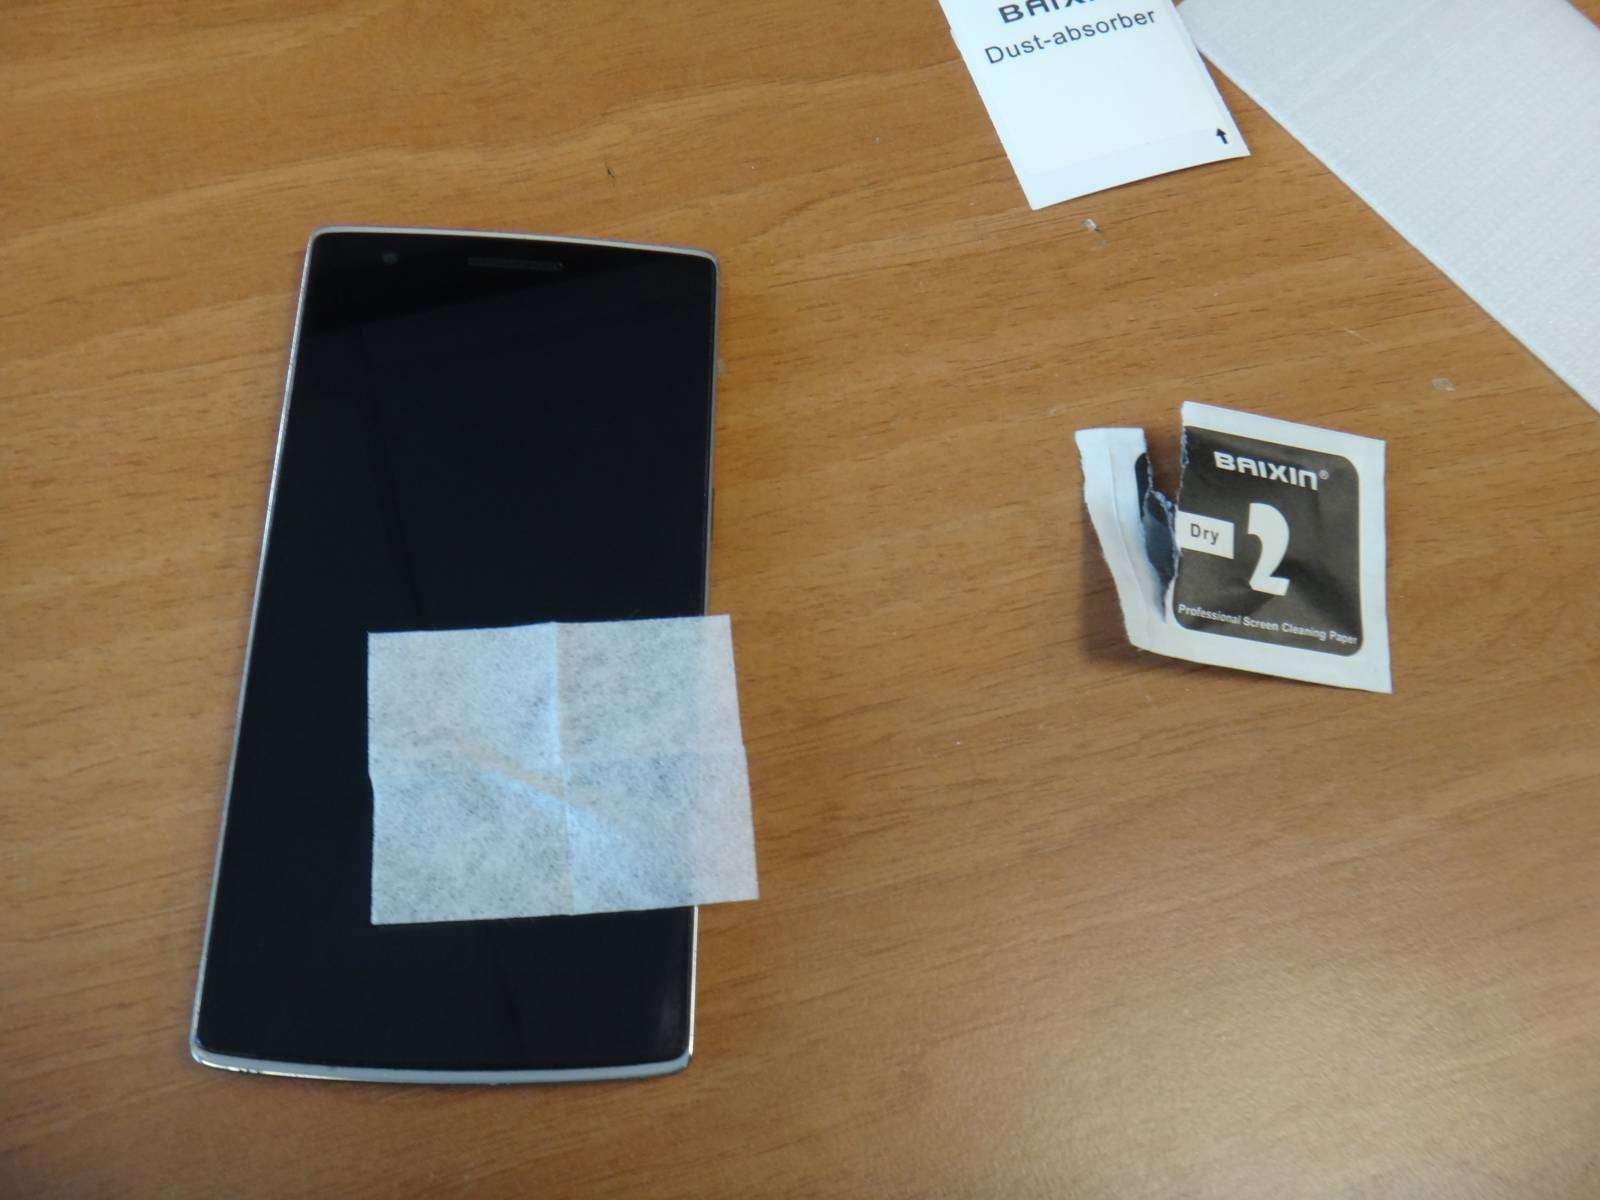 Aliexpress: Лайфхак - как наклеить защитное стекло на смартфон быстро и без проблем